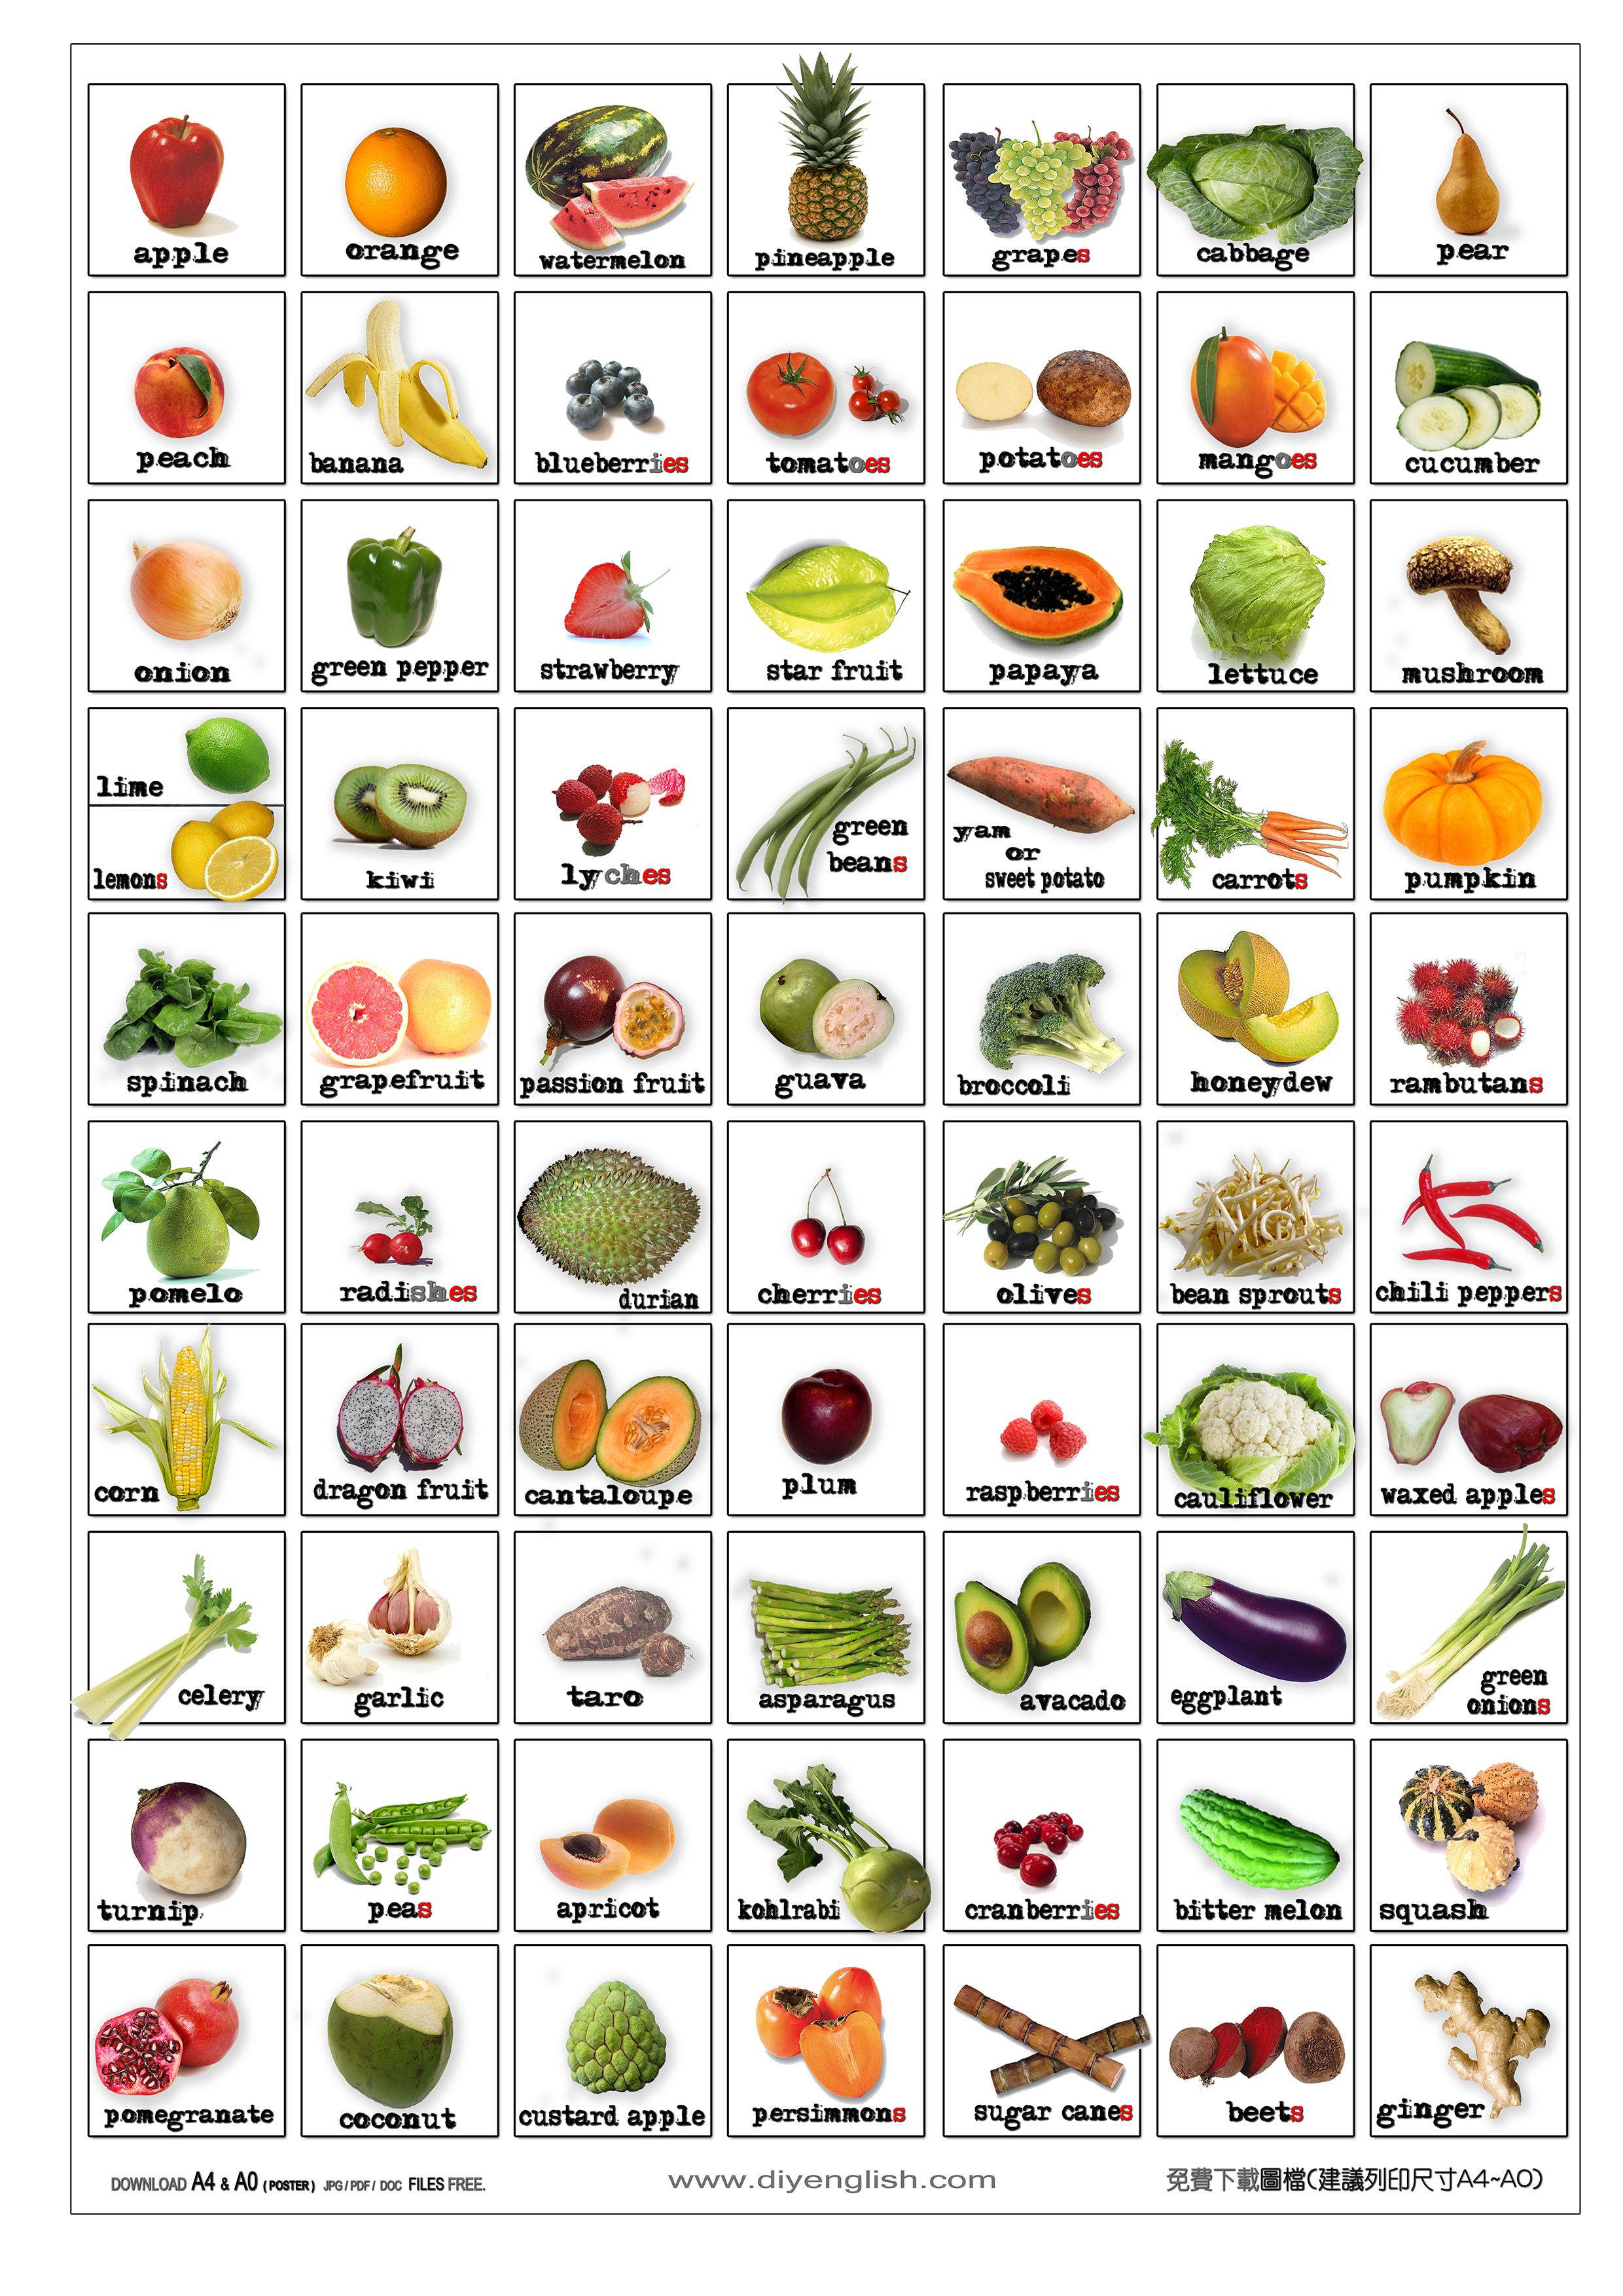 Como Sao Os Nomes Das Verduras E Frutas Em Ingles Aprenda